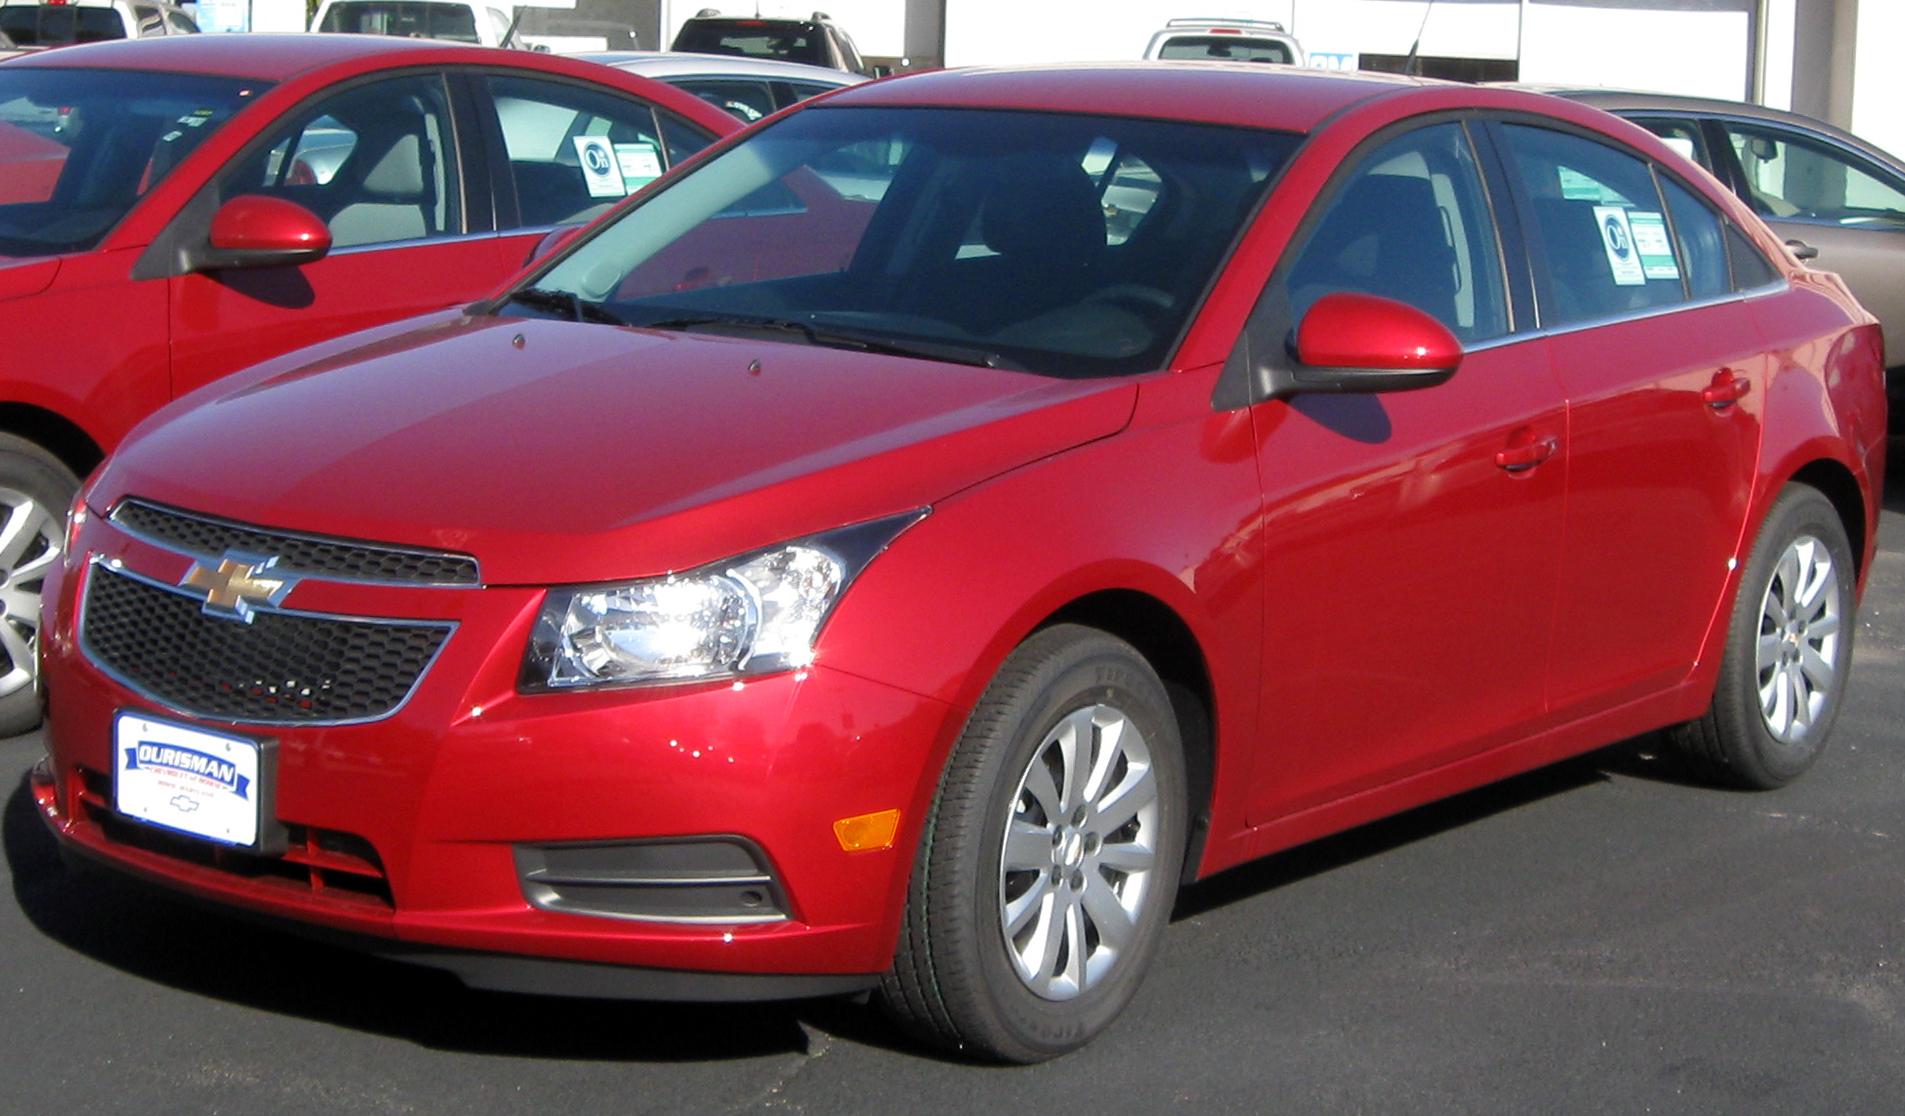 File 2011 Chevrolet Cruze Lt 10 22 2010 Jpg Wikimedia Commons